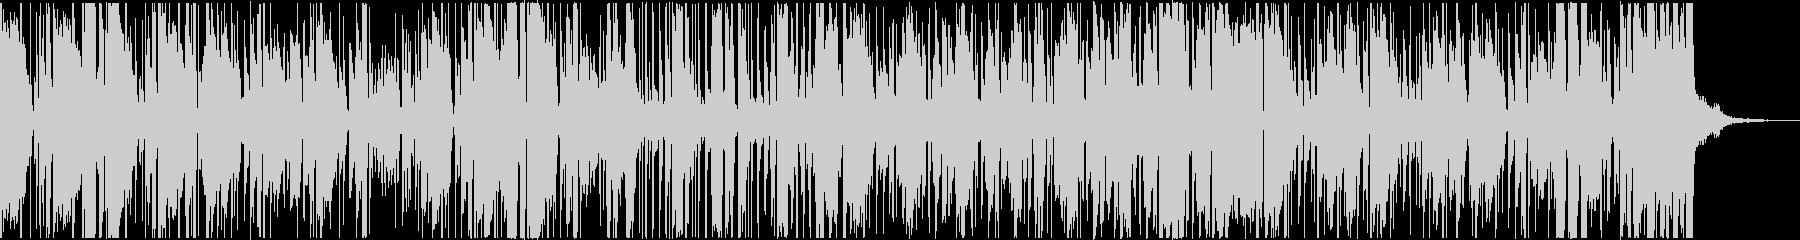 声をフィーチャーしたクールなヒップホップの未再生の波形